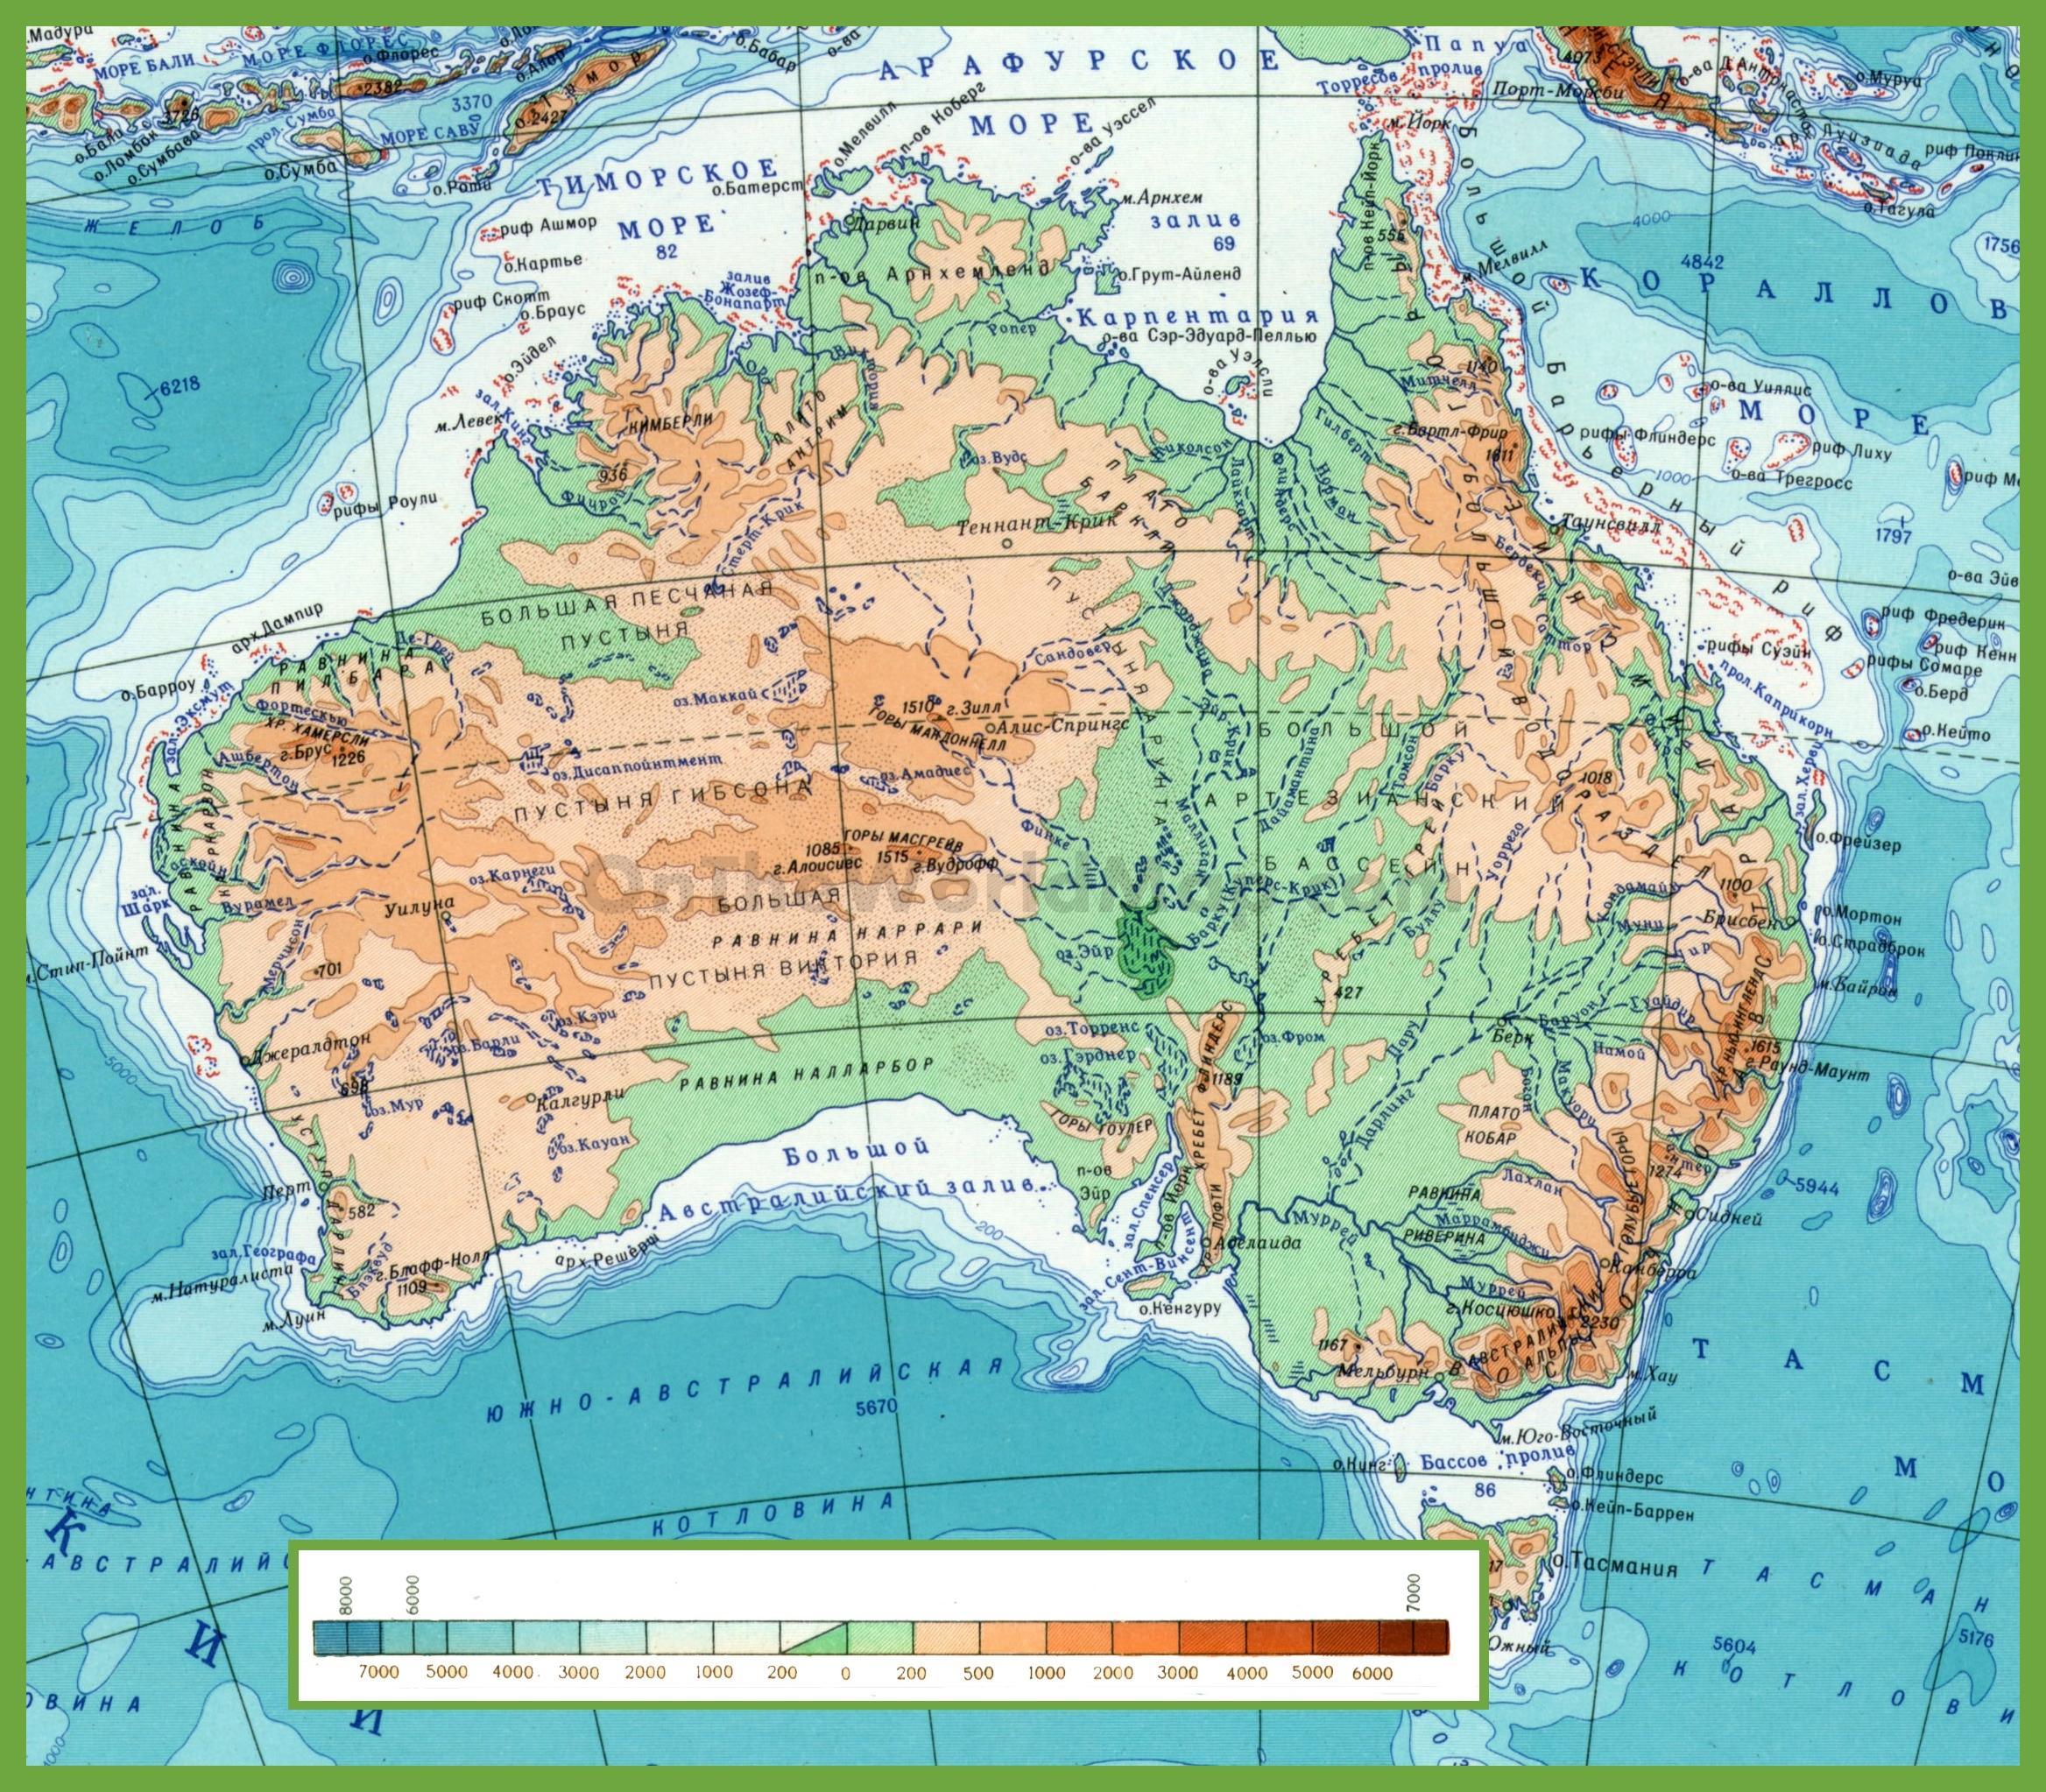 mapa da austrlia com montanhas